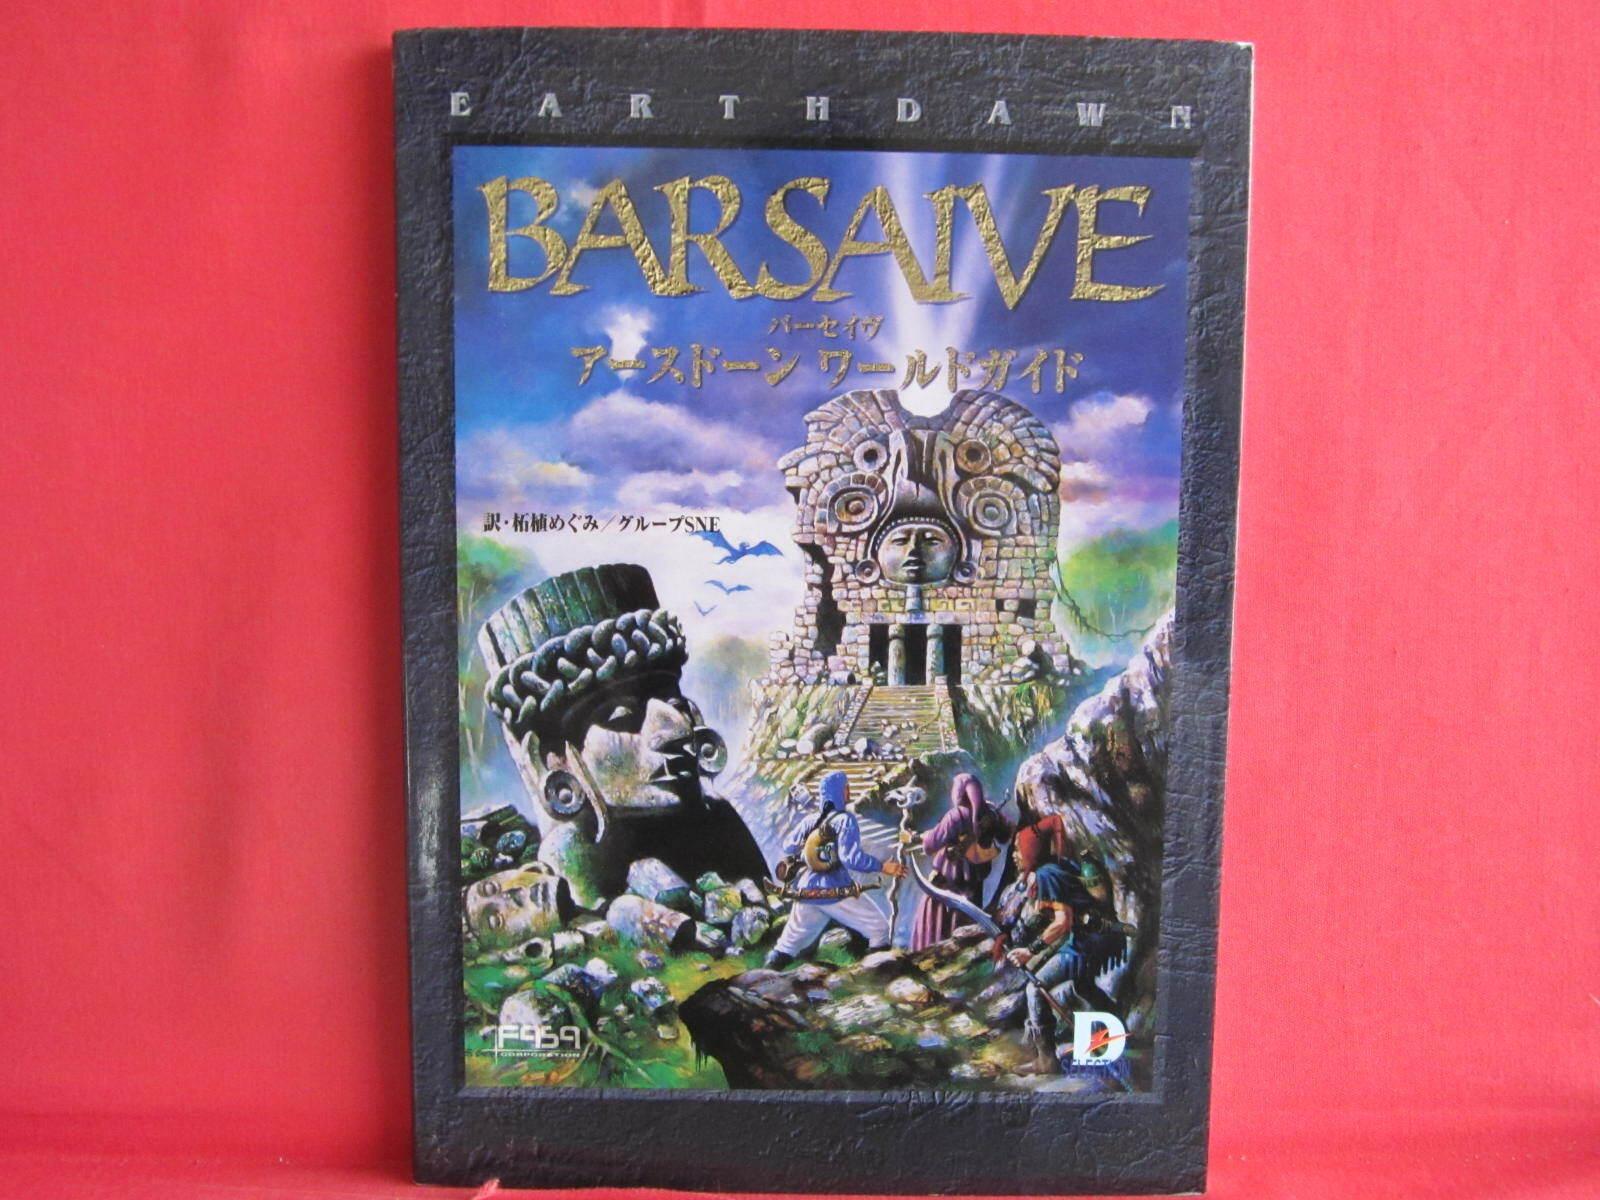 Barsaive-earthdawn mundial guía (D selección) libro juego granada de cohete propulsado